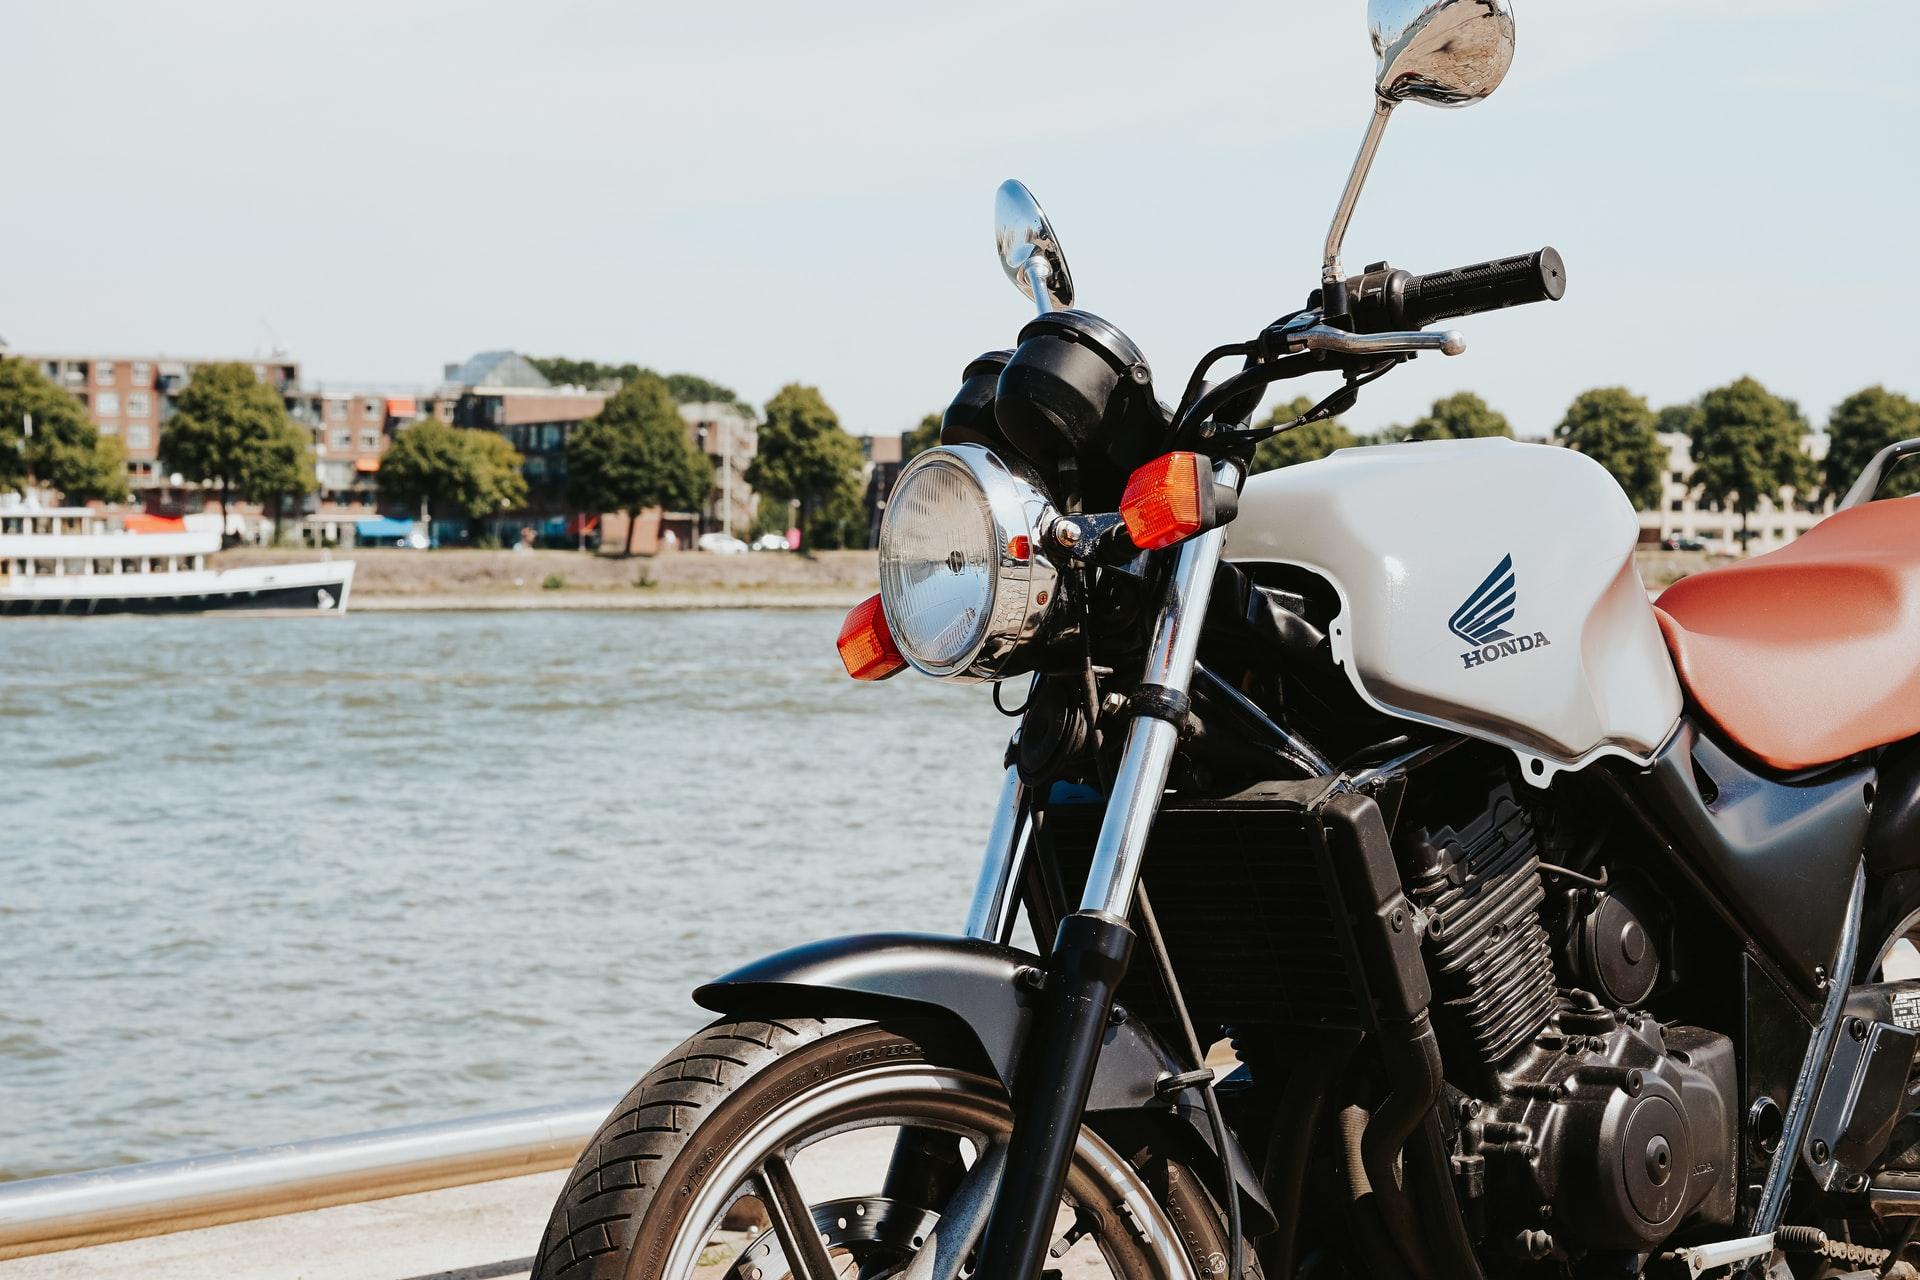 moto nautika shop